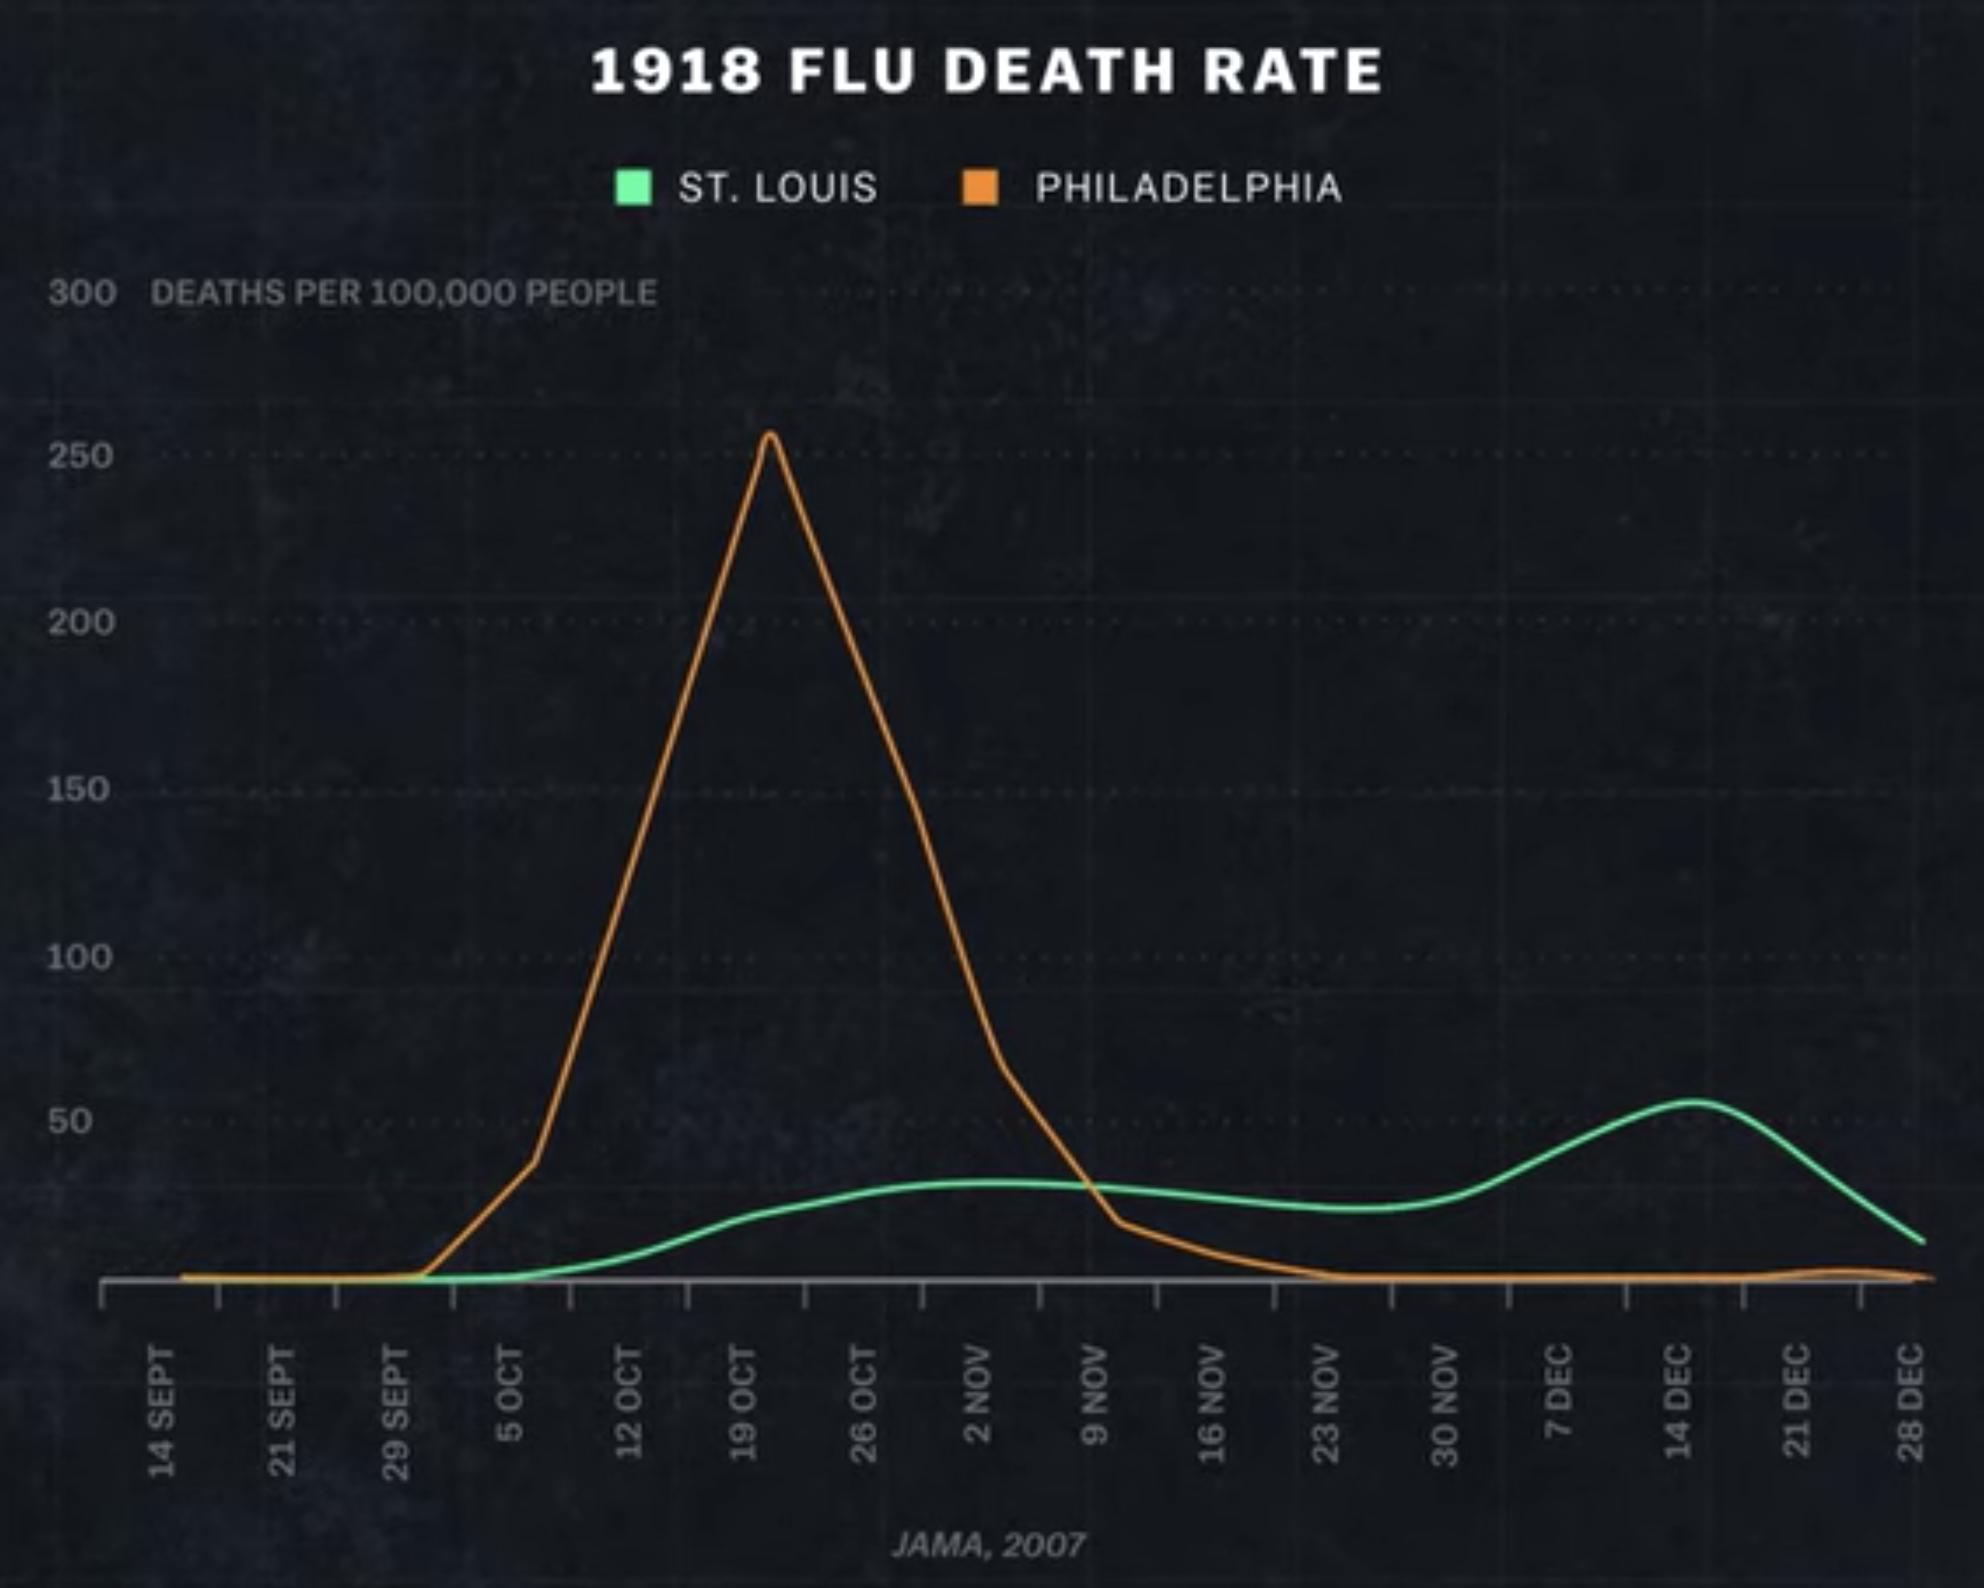 A%20Brief%20History%20of%20Epidemics/Screenshot_2020-04-29_at_22.03.45.png